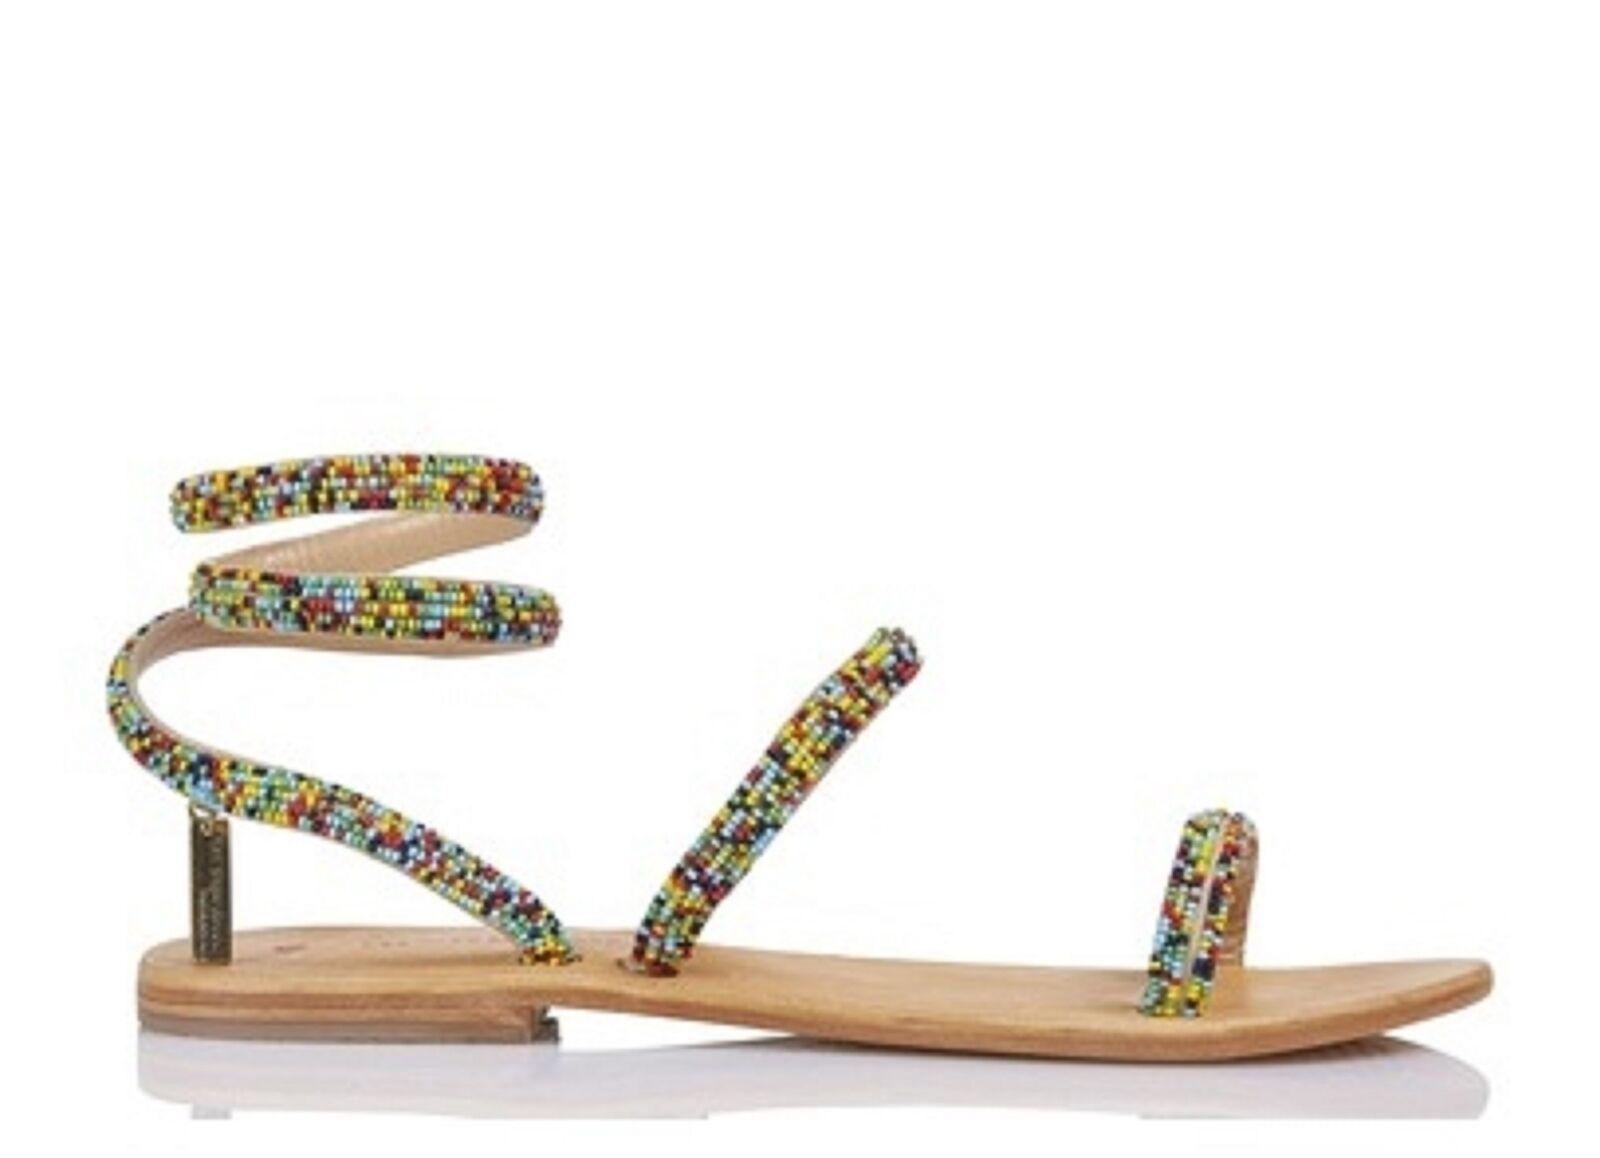 Les Tropeziennes MultiColor Olga Plana Sandalias de cuero con bordados bordados bordados de cuentas de 39 9  mejor moda